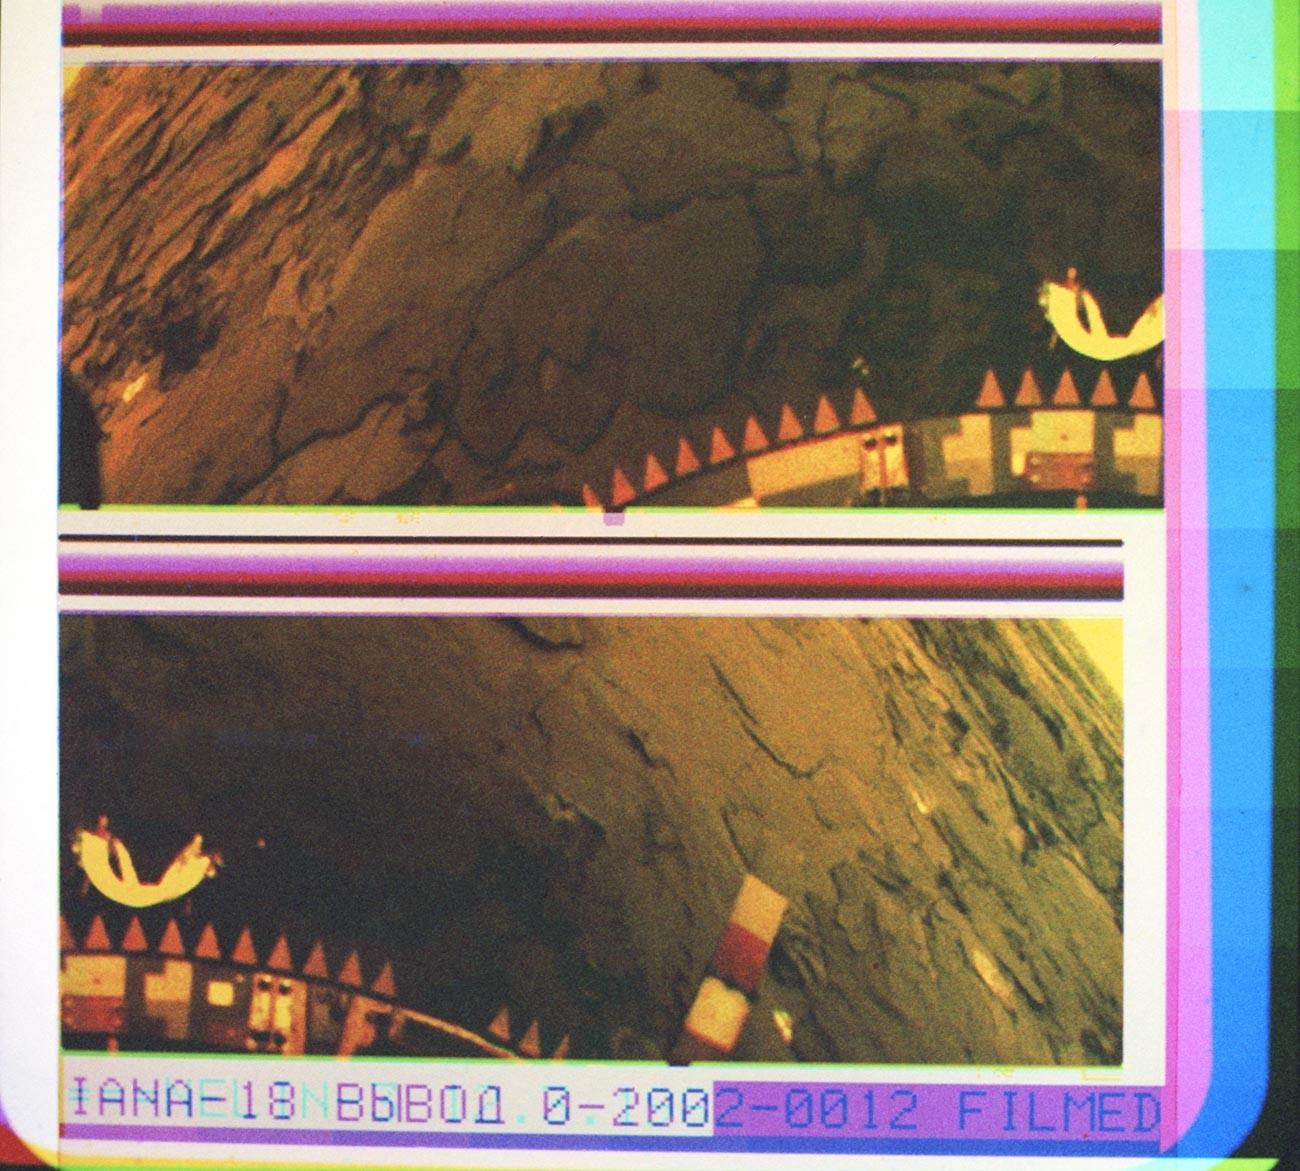 Imagen panorámica en color de la superficie de Venus.